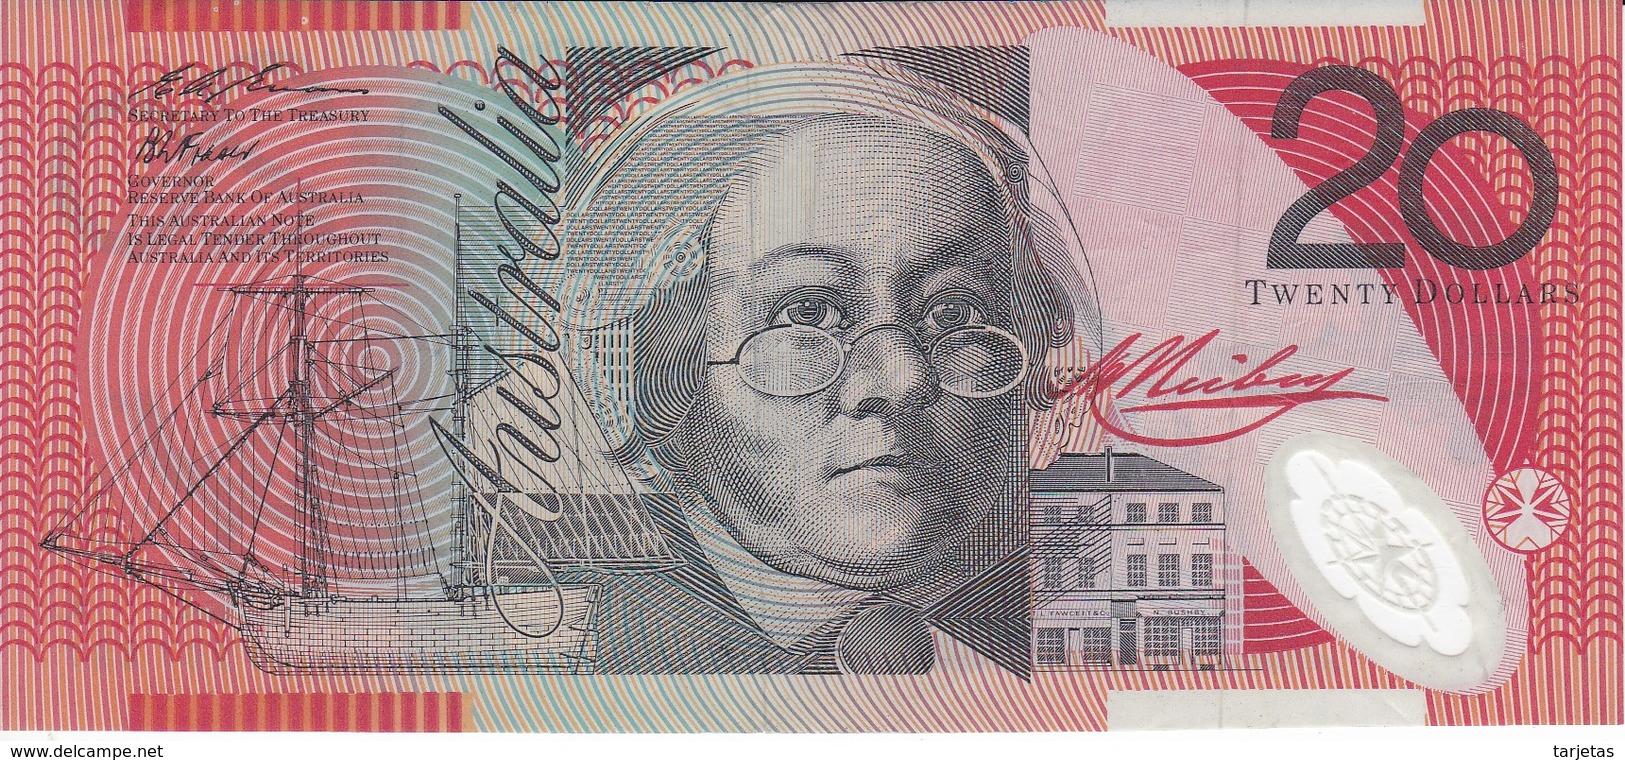 BILLETE DE AUSTRALIA DE 20 DOLLARS DEL AÑO 1994 CALIDAD MBC (VF)  (BANKNOTE) - Emisiones Gubernamentales Decimales 1966-...